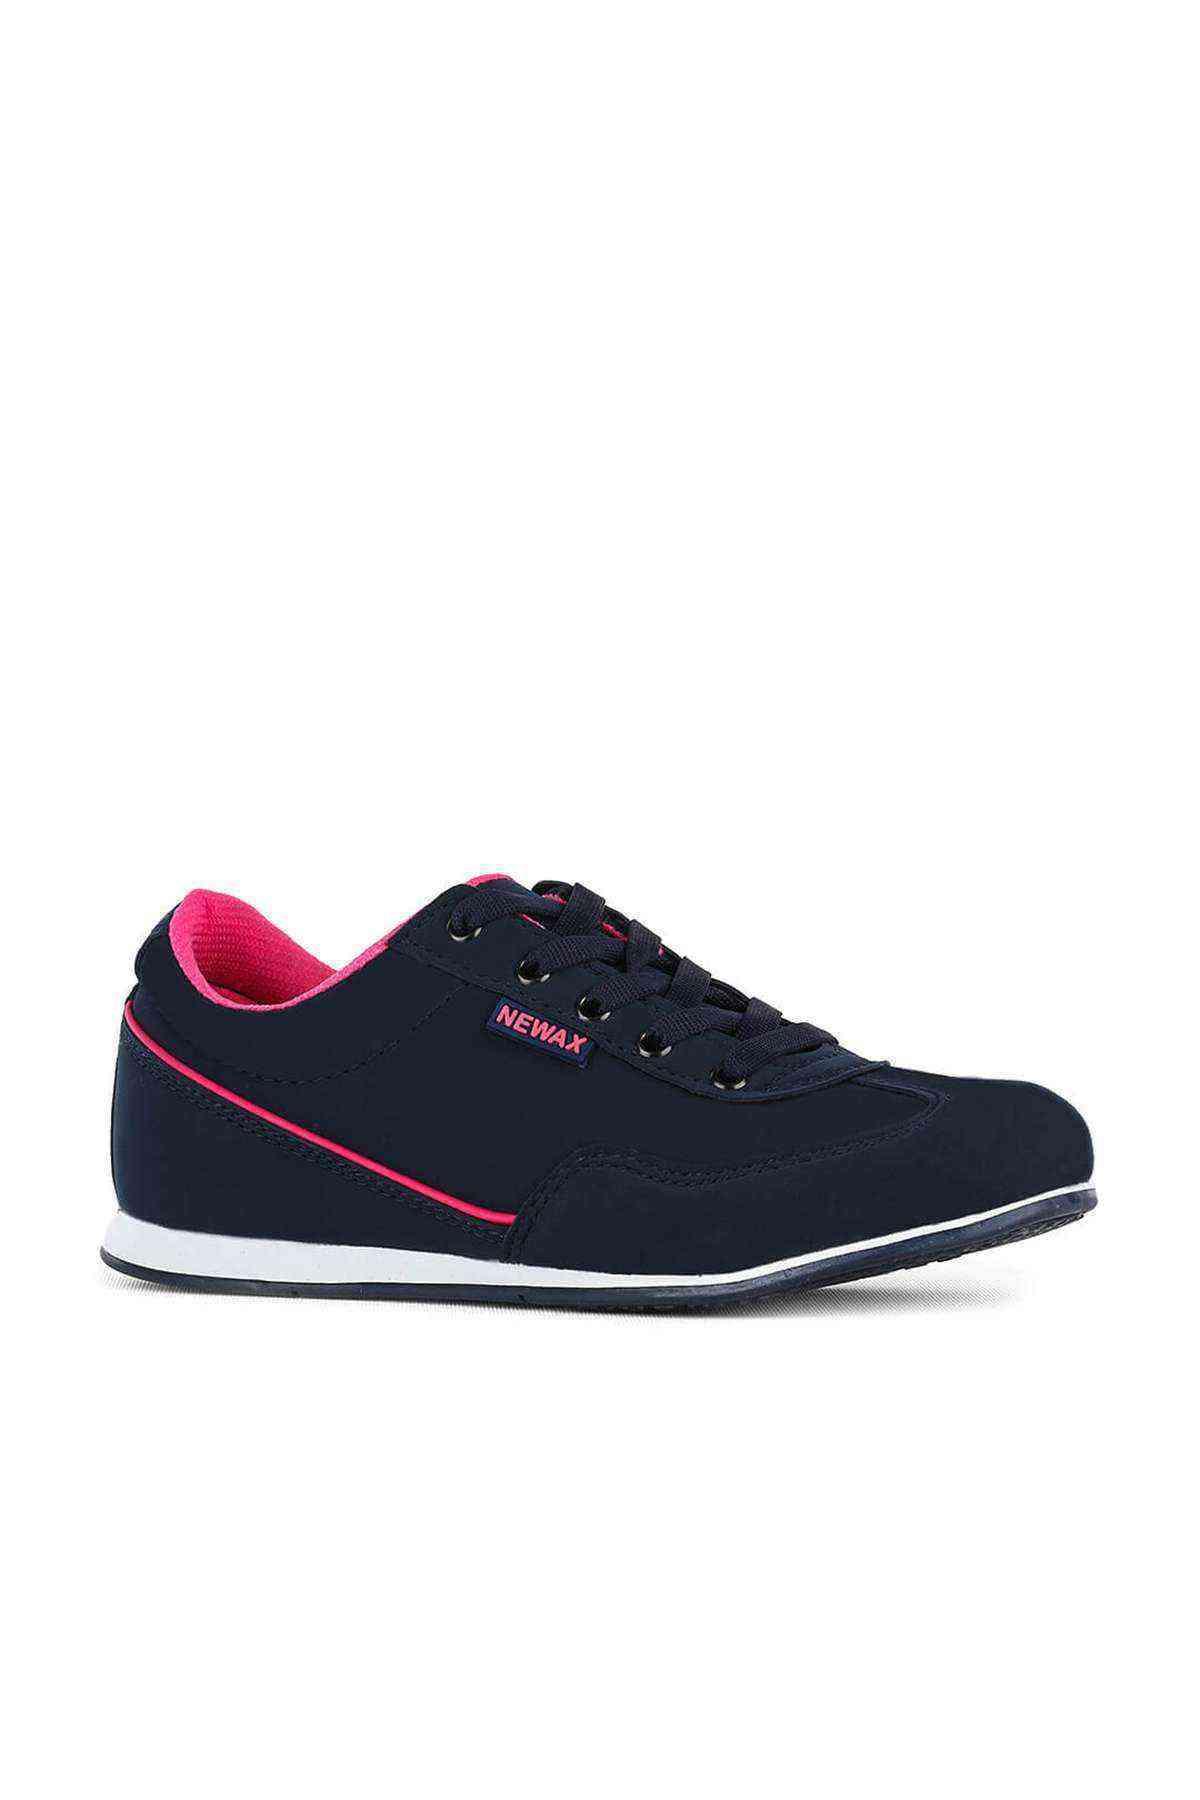 Lacivert Fuşya Kadın Spor Ayakkabı - Newax 048